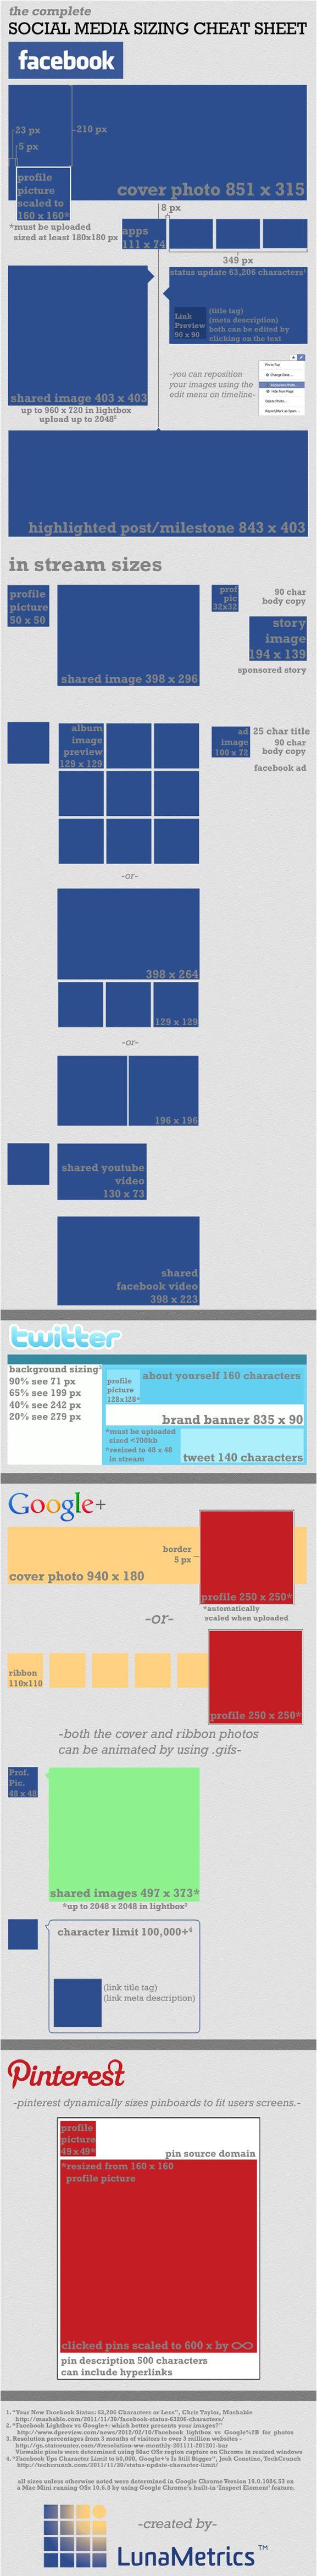 Tamaños imágenes de Facebook, Twitter y otras redes sociales (Luna Metrics)